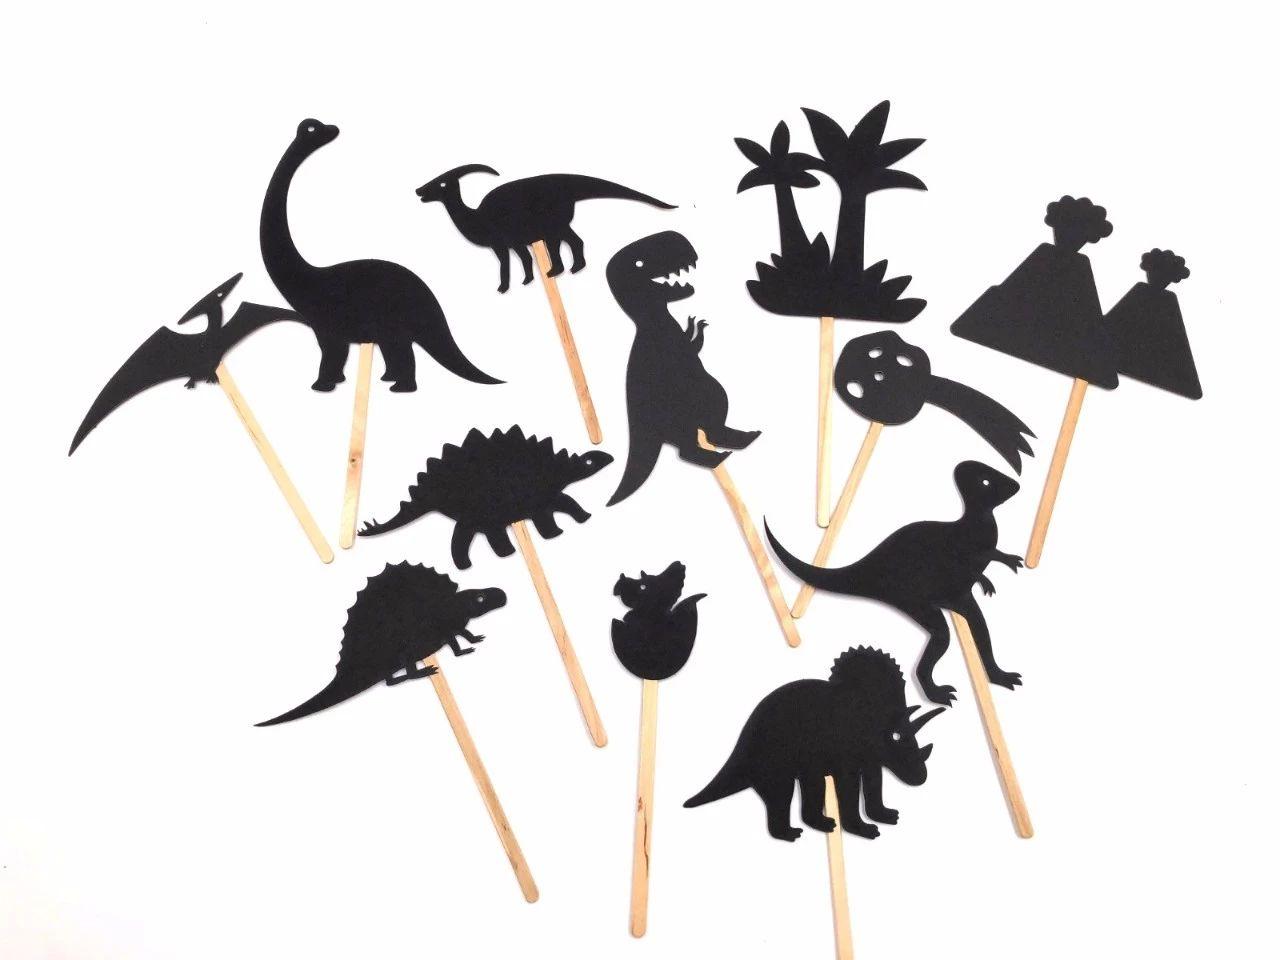 每次停电点蜡烛的时候,都是用手比划小动物投影在墙上,只会几个手势都